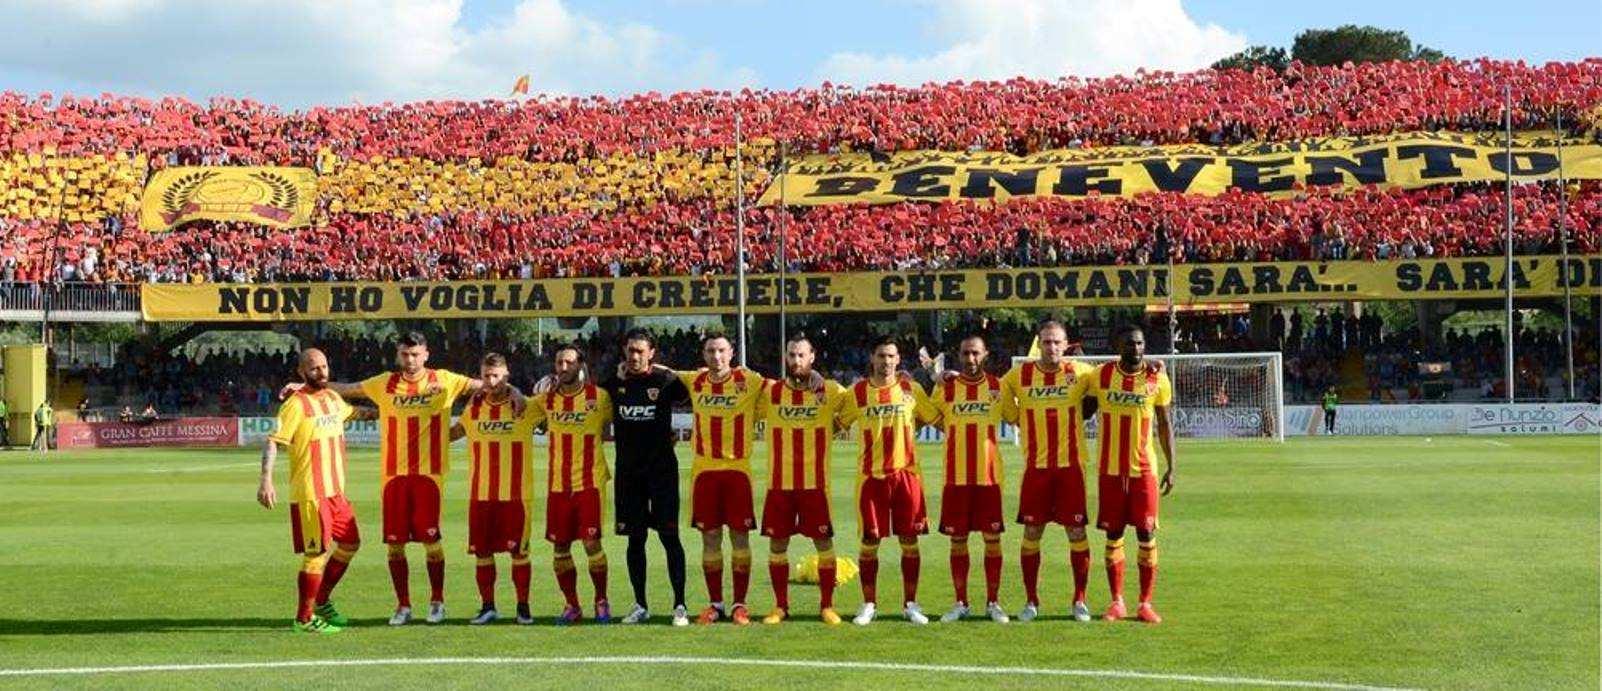 Benevento, ciao Lega Pro. Finalmente Serie B: promozione storica